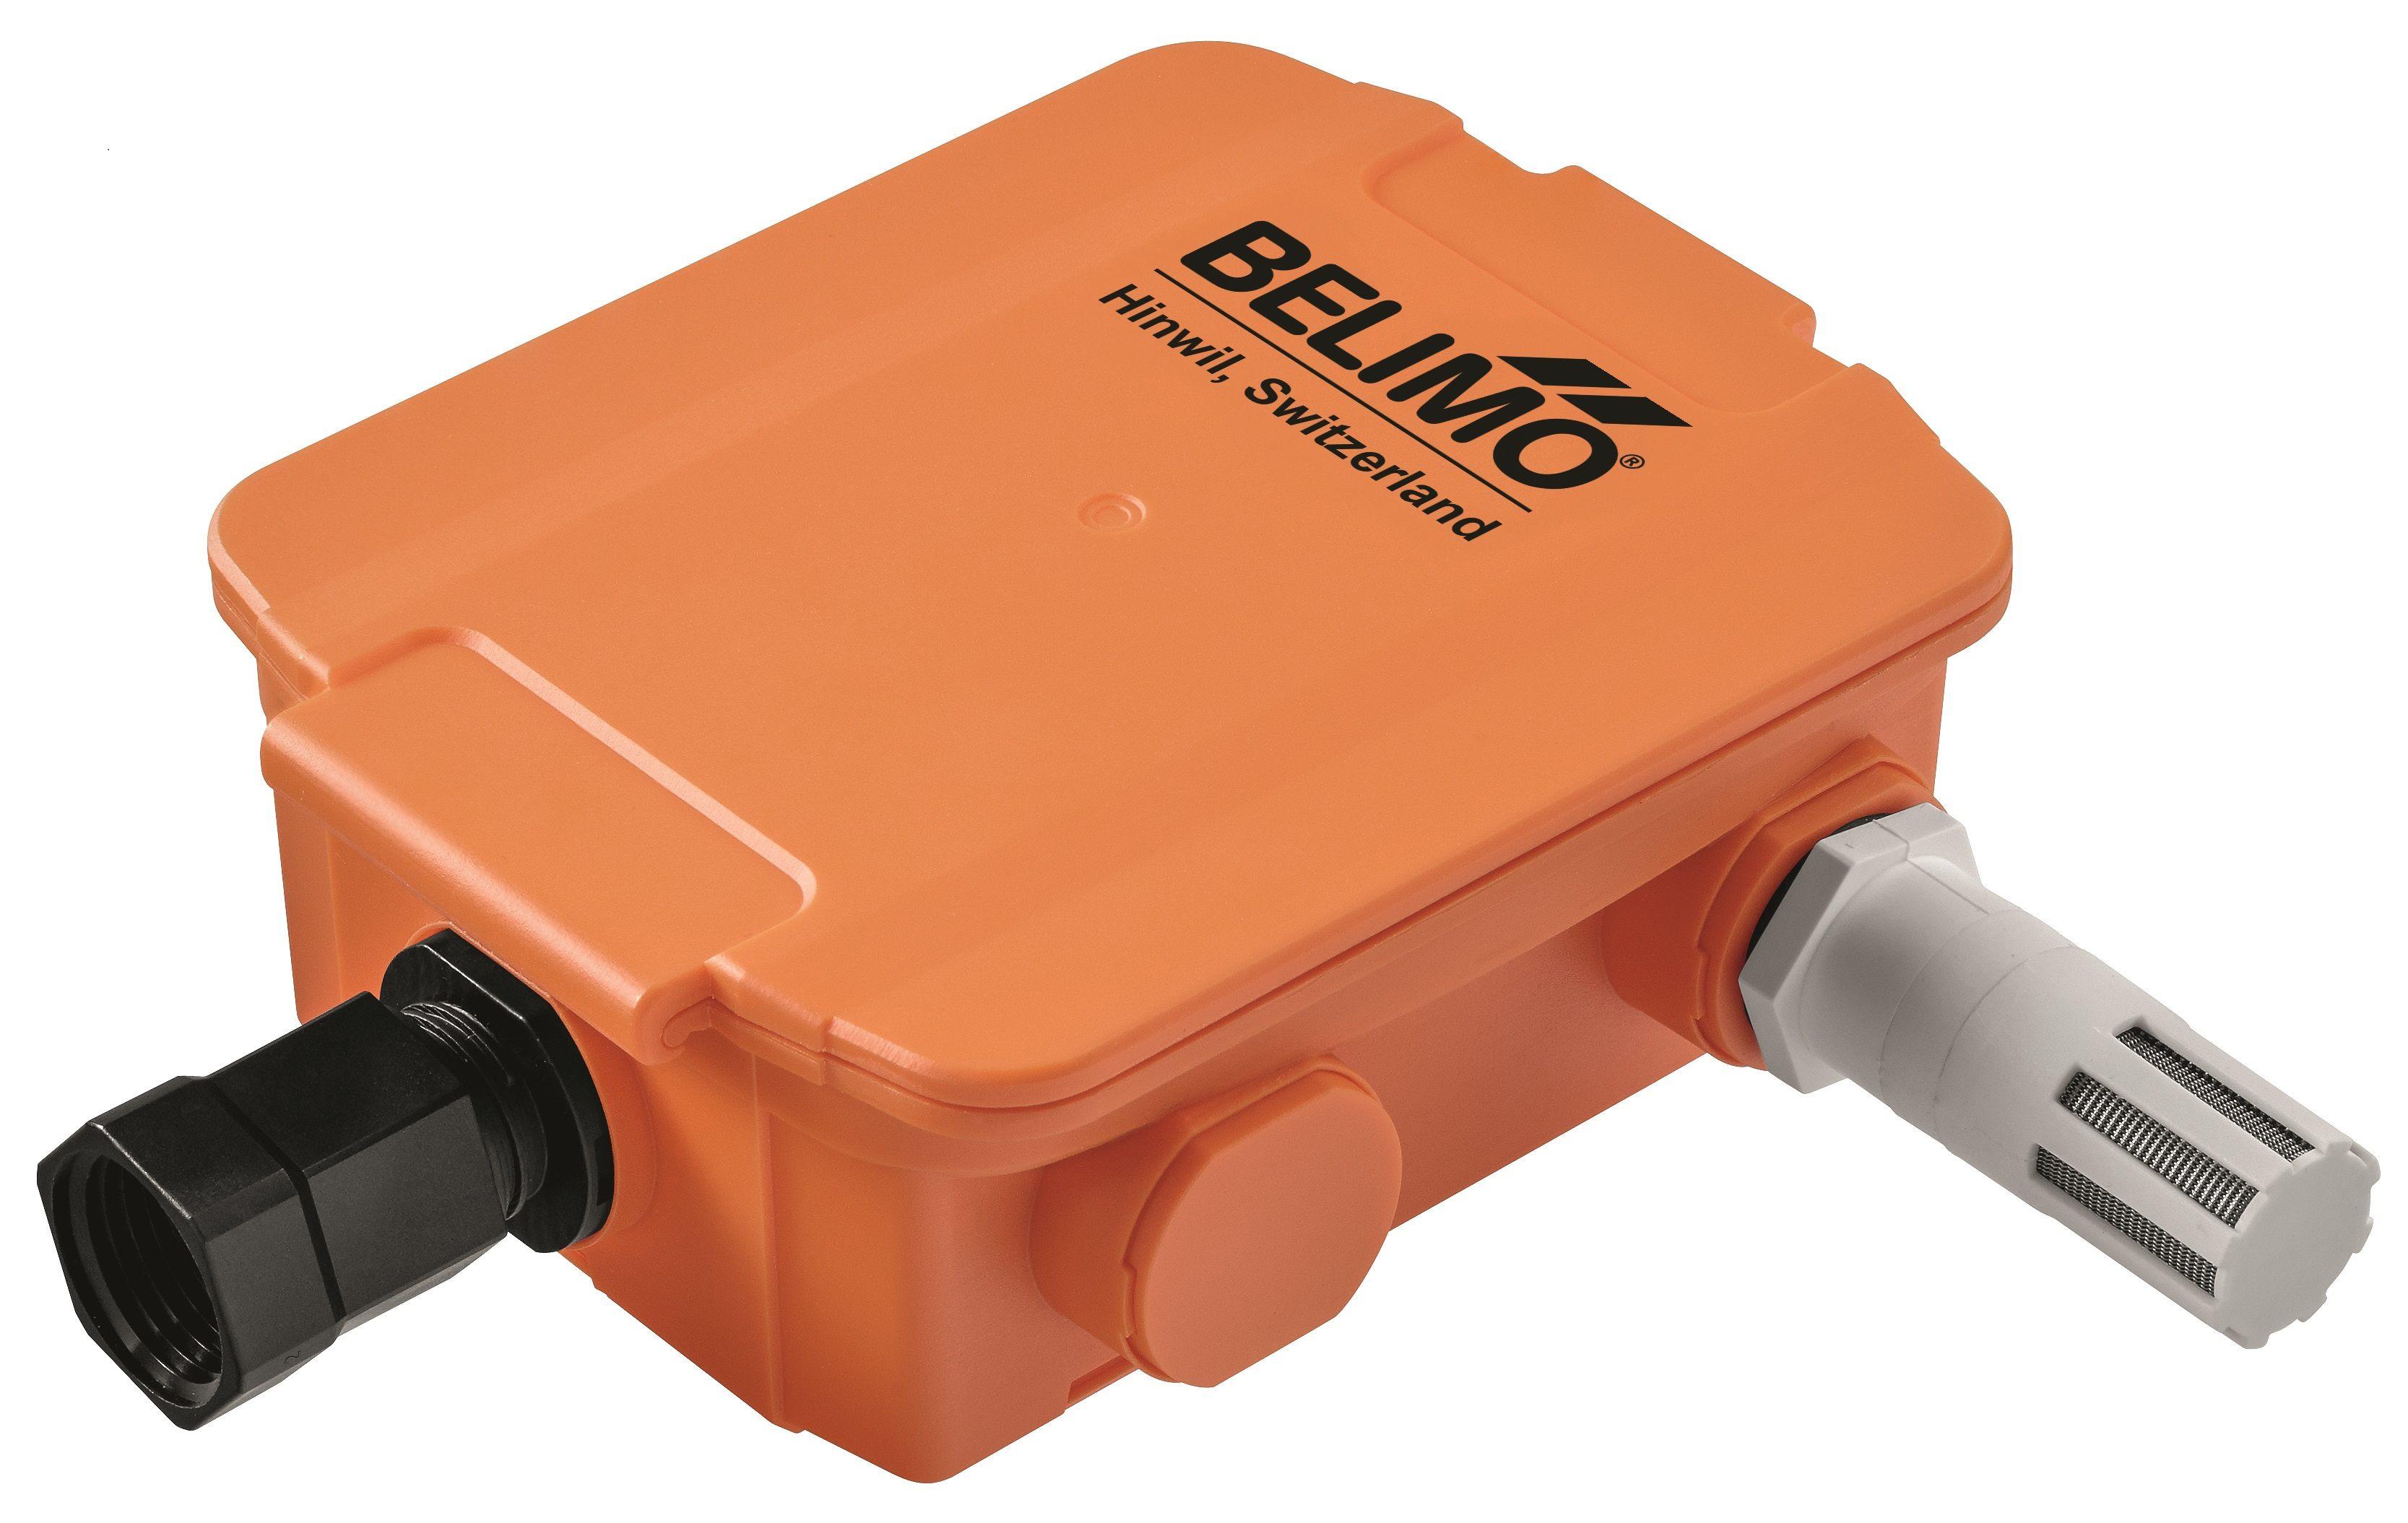 Belimo Belimo HVAC Sensors (2017) 22UTH-51 Sensors